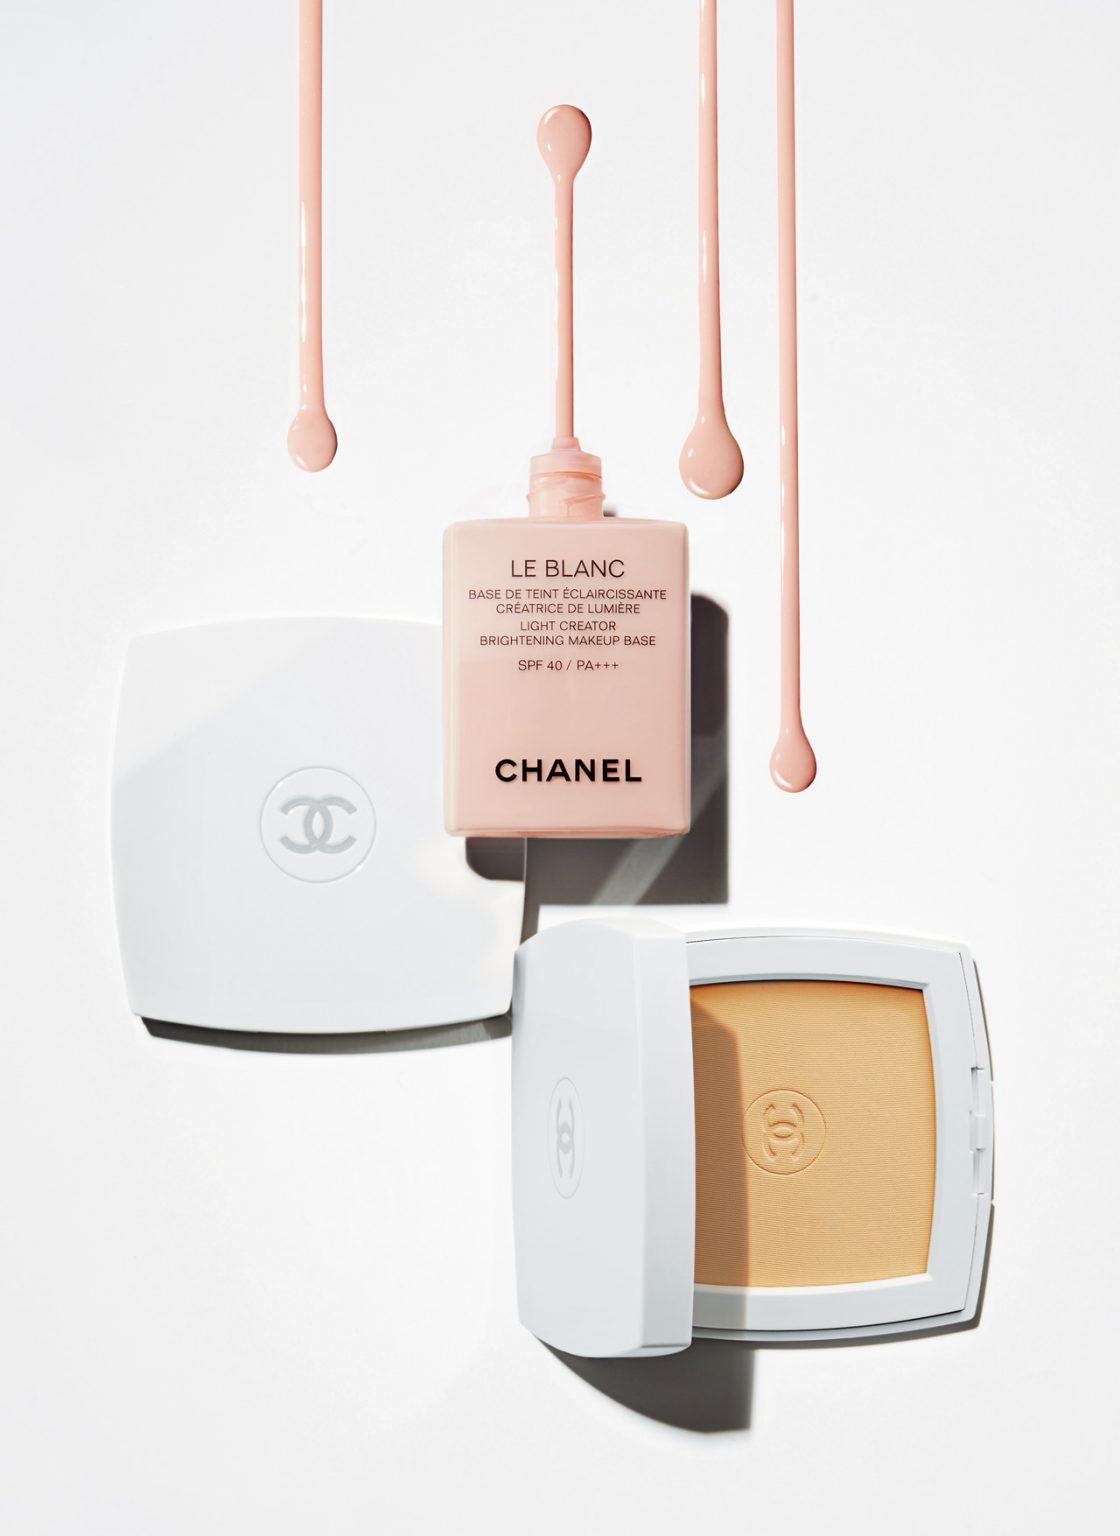 (위) Chanel 르 블랑 라이트 크리에이터 브라이트닝 메이크업 베이스 SPF 40 PA+++, 10호 로제 얼룩덜룩한 피부톤을 고르게 정돈하고 매끄러우면서 우아한 광채를 더해주는 화사한 장밋빛의 메이크업 베이스. 콤팩트 파운데이션 전 단계에서 사용하면 메이크업 고정력을 높여 화장을 처음 그대로의 상태로 지속시켜 준다. 30ml, 7만2천원 / (아래) Chanel 르 블랑 브라이트닝 컴팩트 파운데이션 롱 래스팅 래디언스 - 떼르말 컴포트 SPF 25 PA+++날씨나 기후, 환경 변화에 상관없이 하루 종일 건강하고 투명한 광채 피부를 연출해주는 화이트닝 콤팩트 파운데이션. 부드럽고 크리미한 파우더 질감의 제품을 내장된 양면 스펀지로 톡톡 두드려 사용하면 수정 메이크업부터 완벽한 커버 메이크업까지 가능하다. 12g, 8만2천원